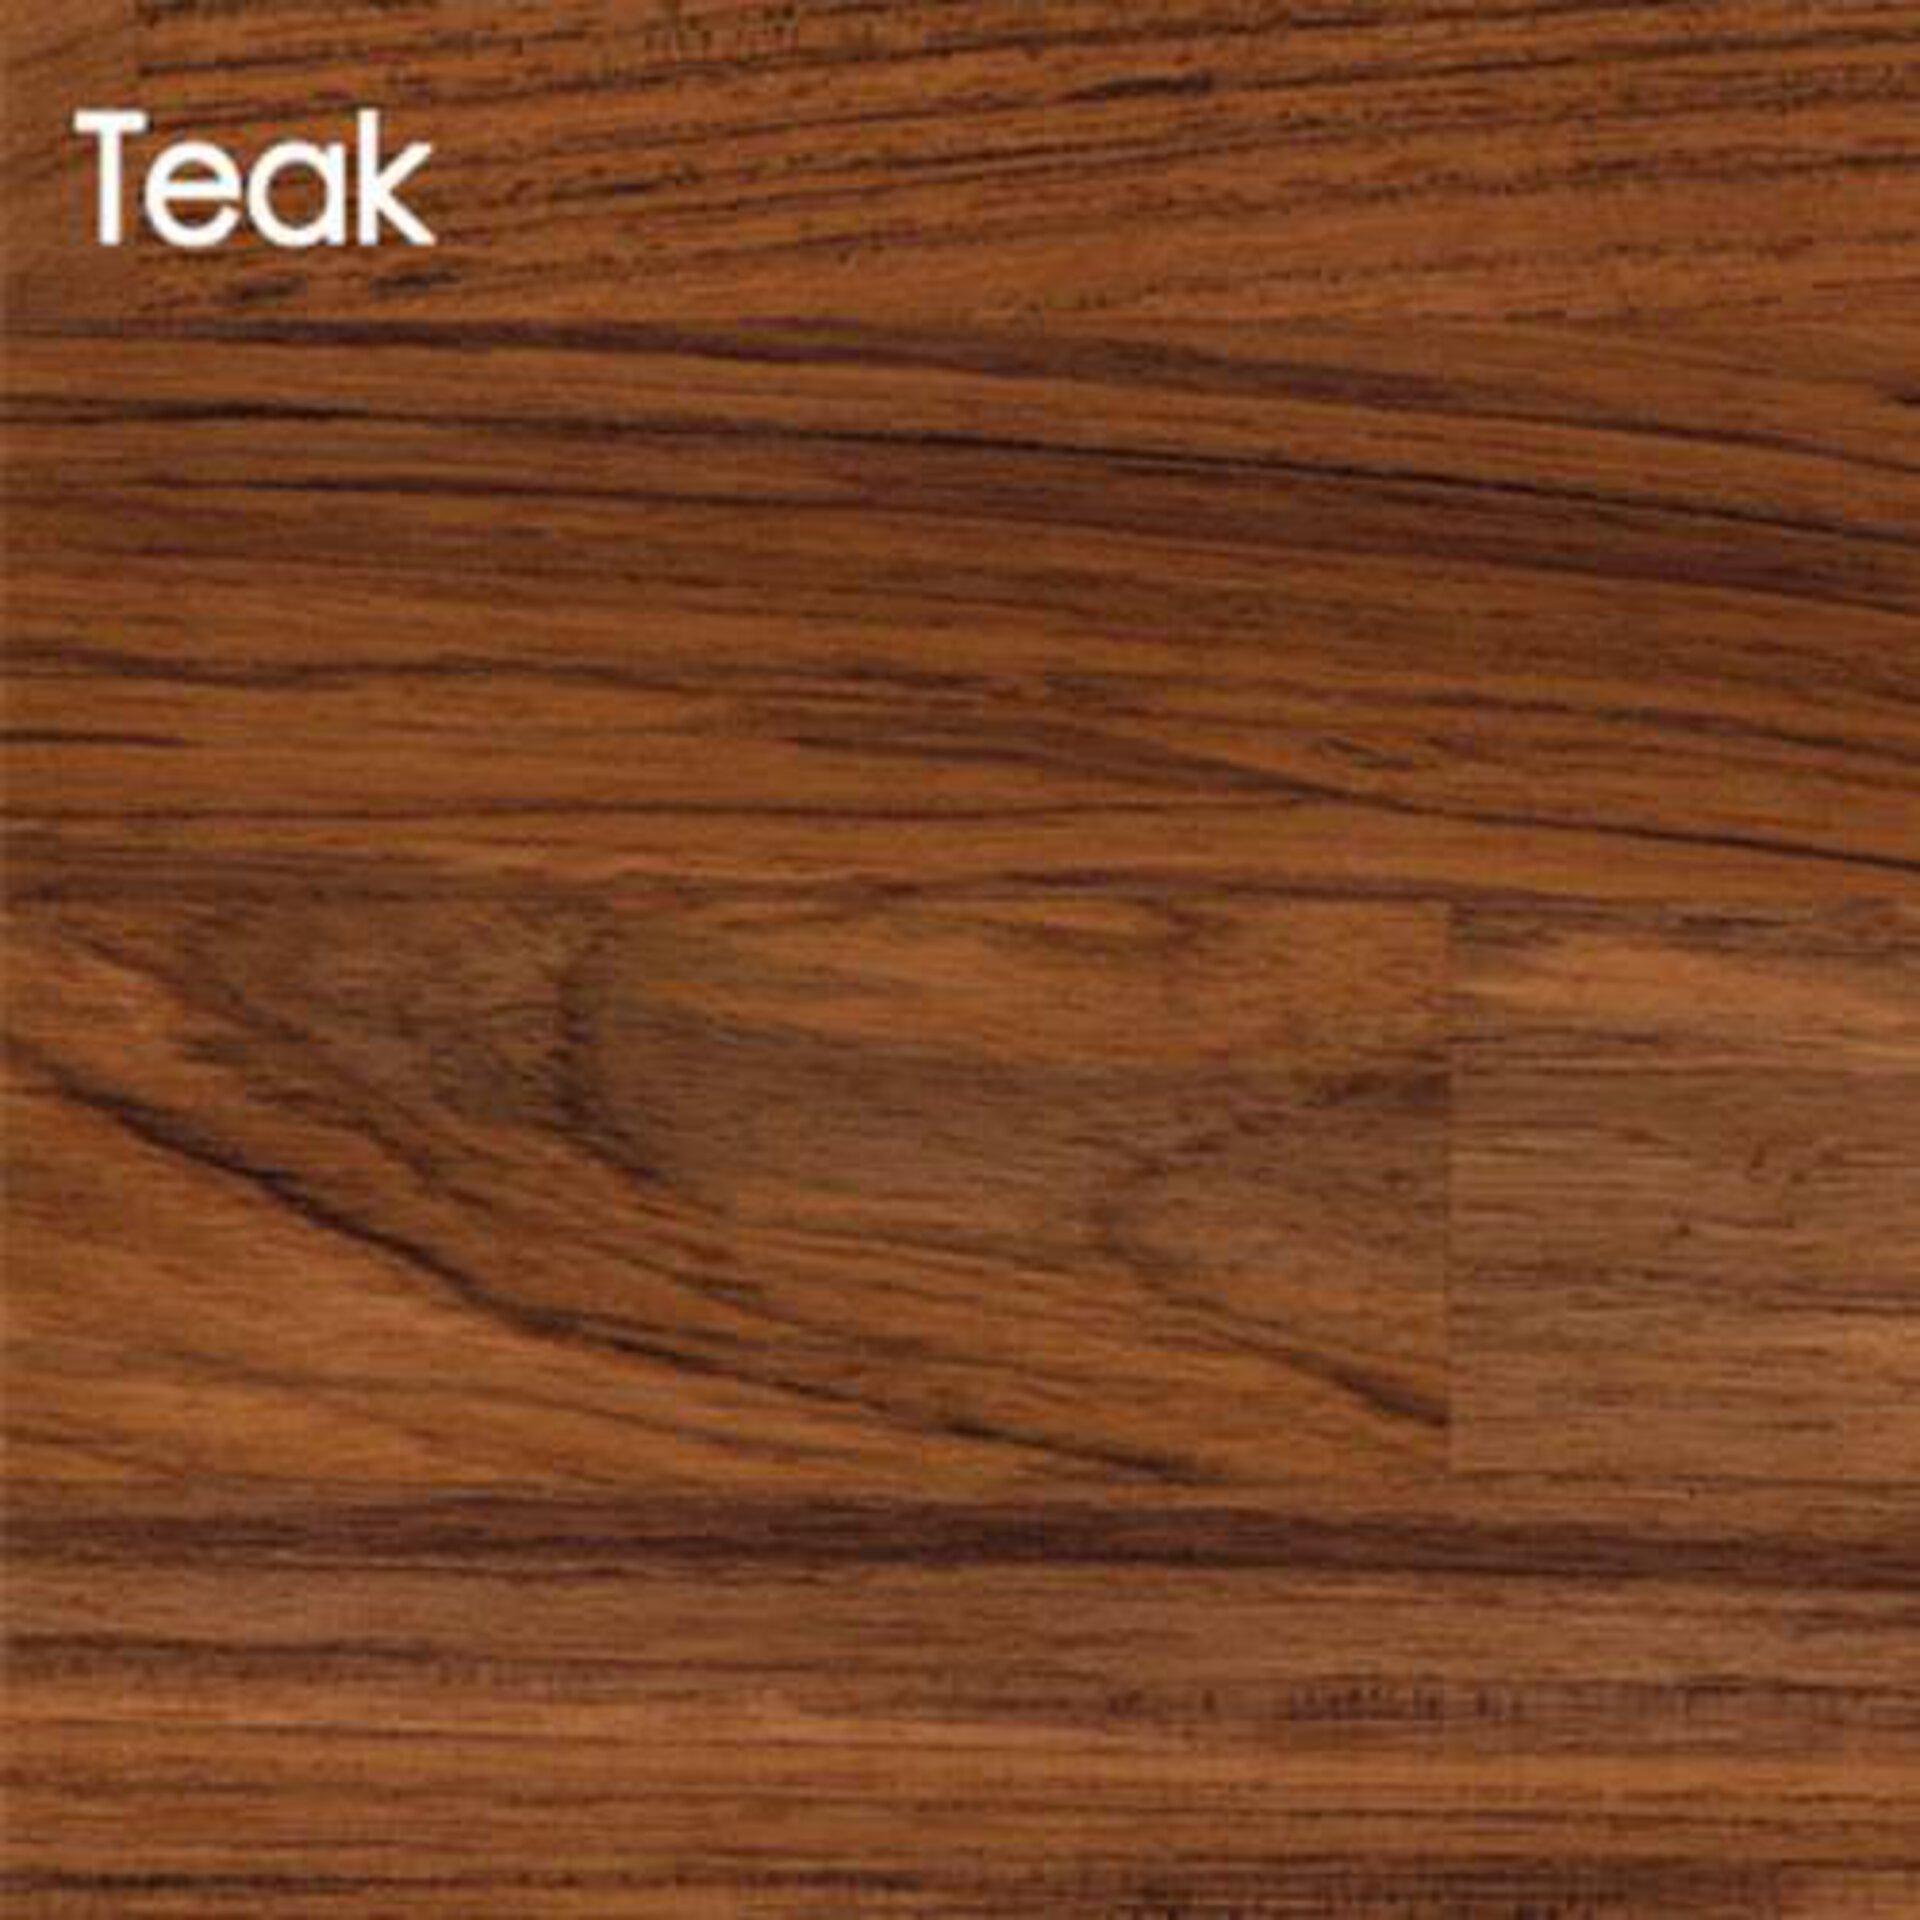 Arbeitsplatte aus Massivholz in der Ausführung Teak